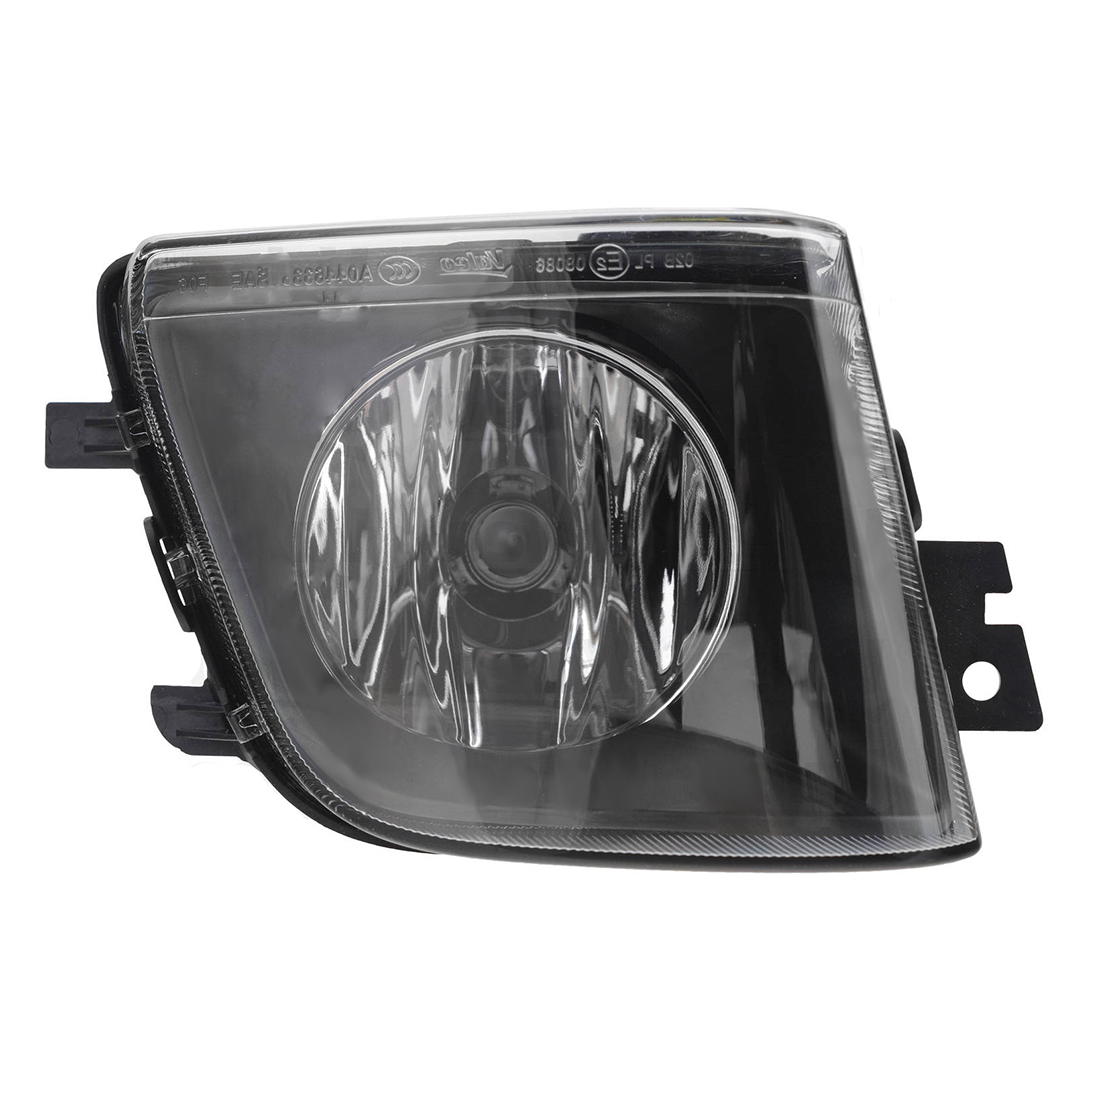 NEW OEM VALEO RIGHT FOG LIGHT BMW 750LI 750I 2009-2015 740LD XDRIVE 2015 44072